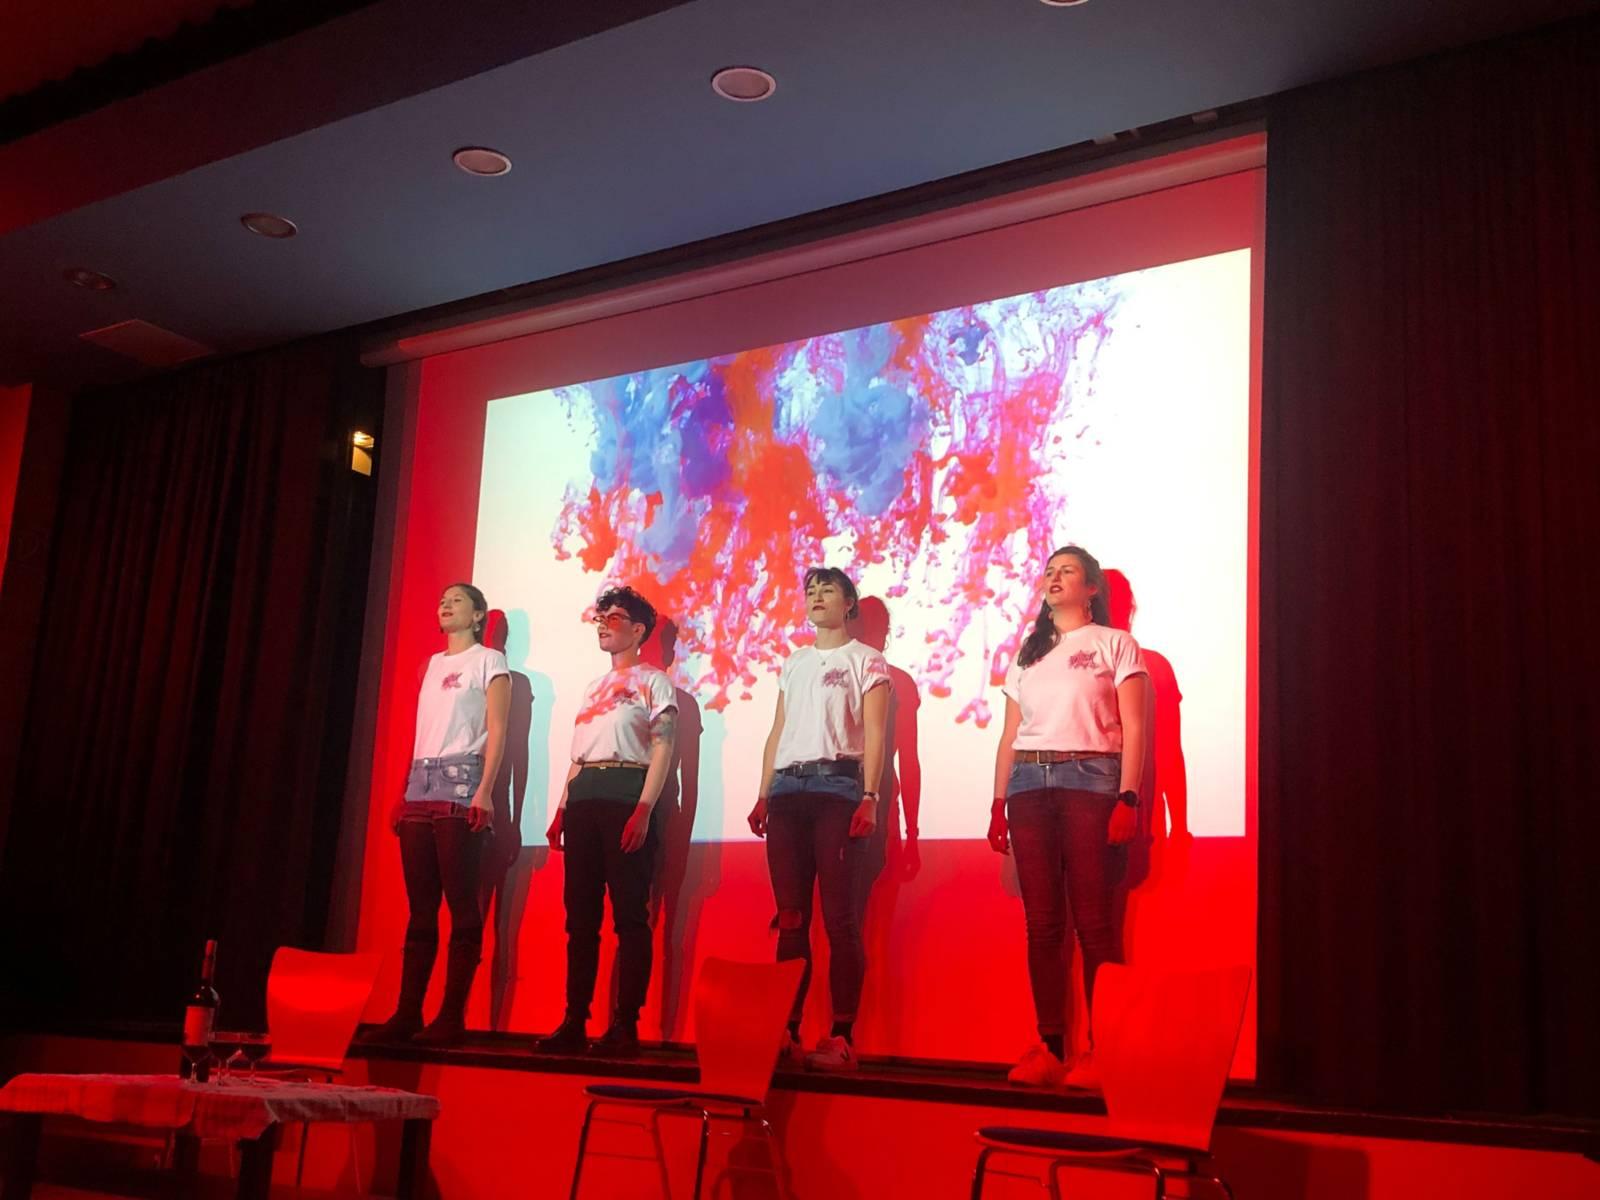 Vier Frauen stehen auf einer rot beleuchteten Bühne